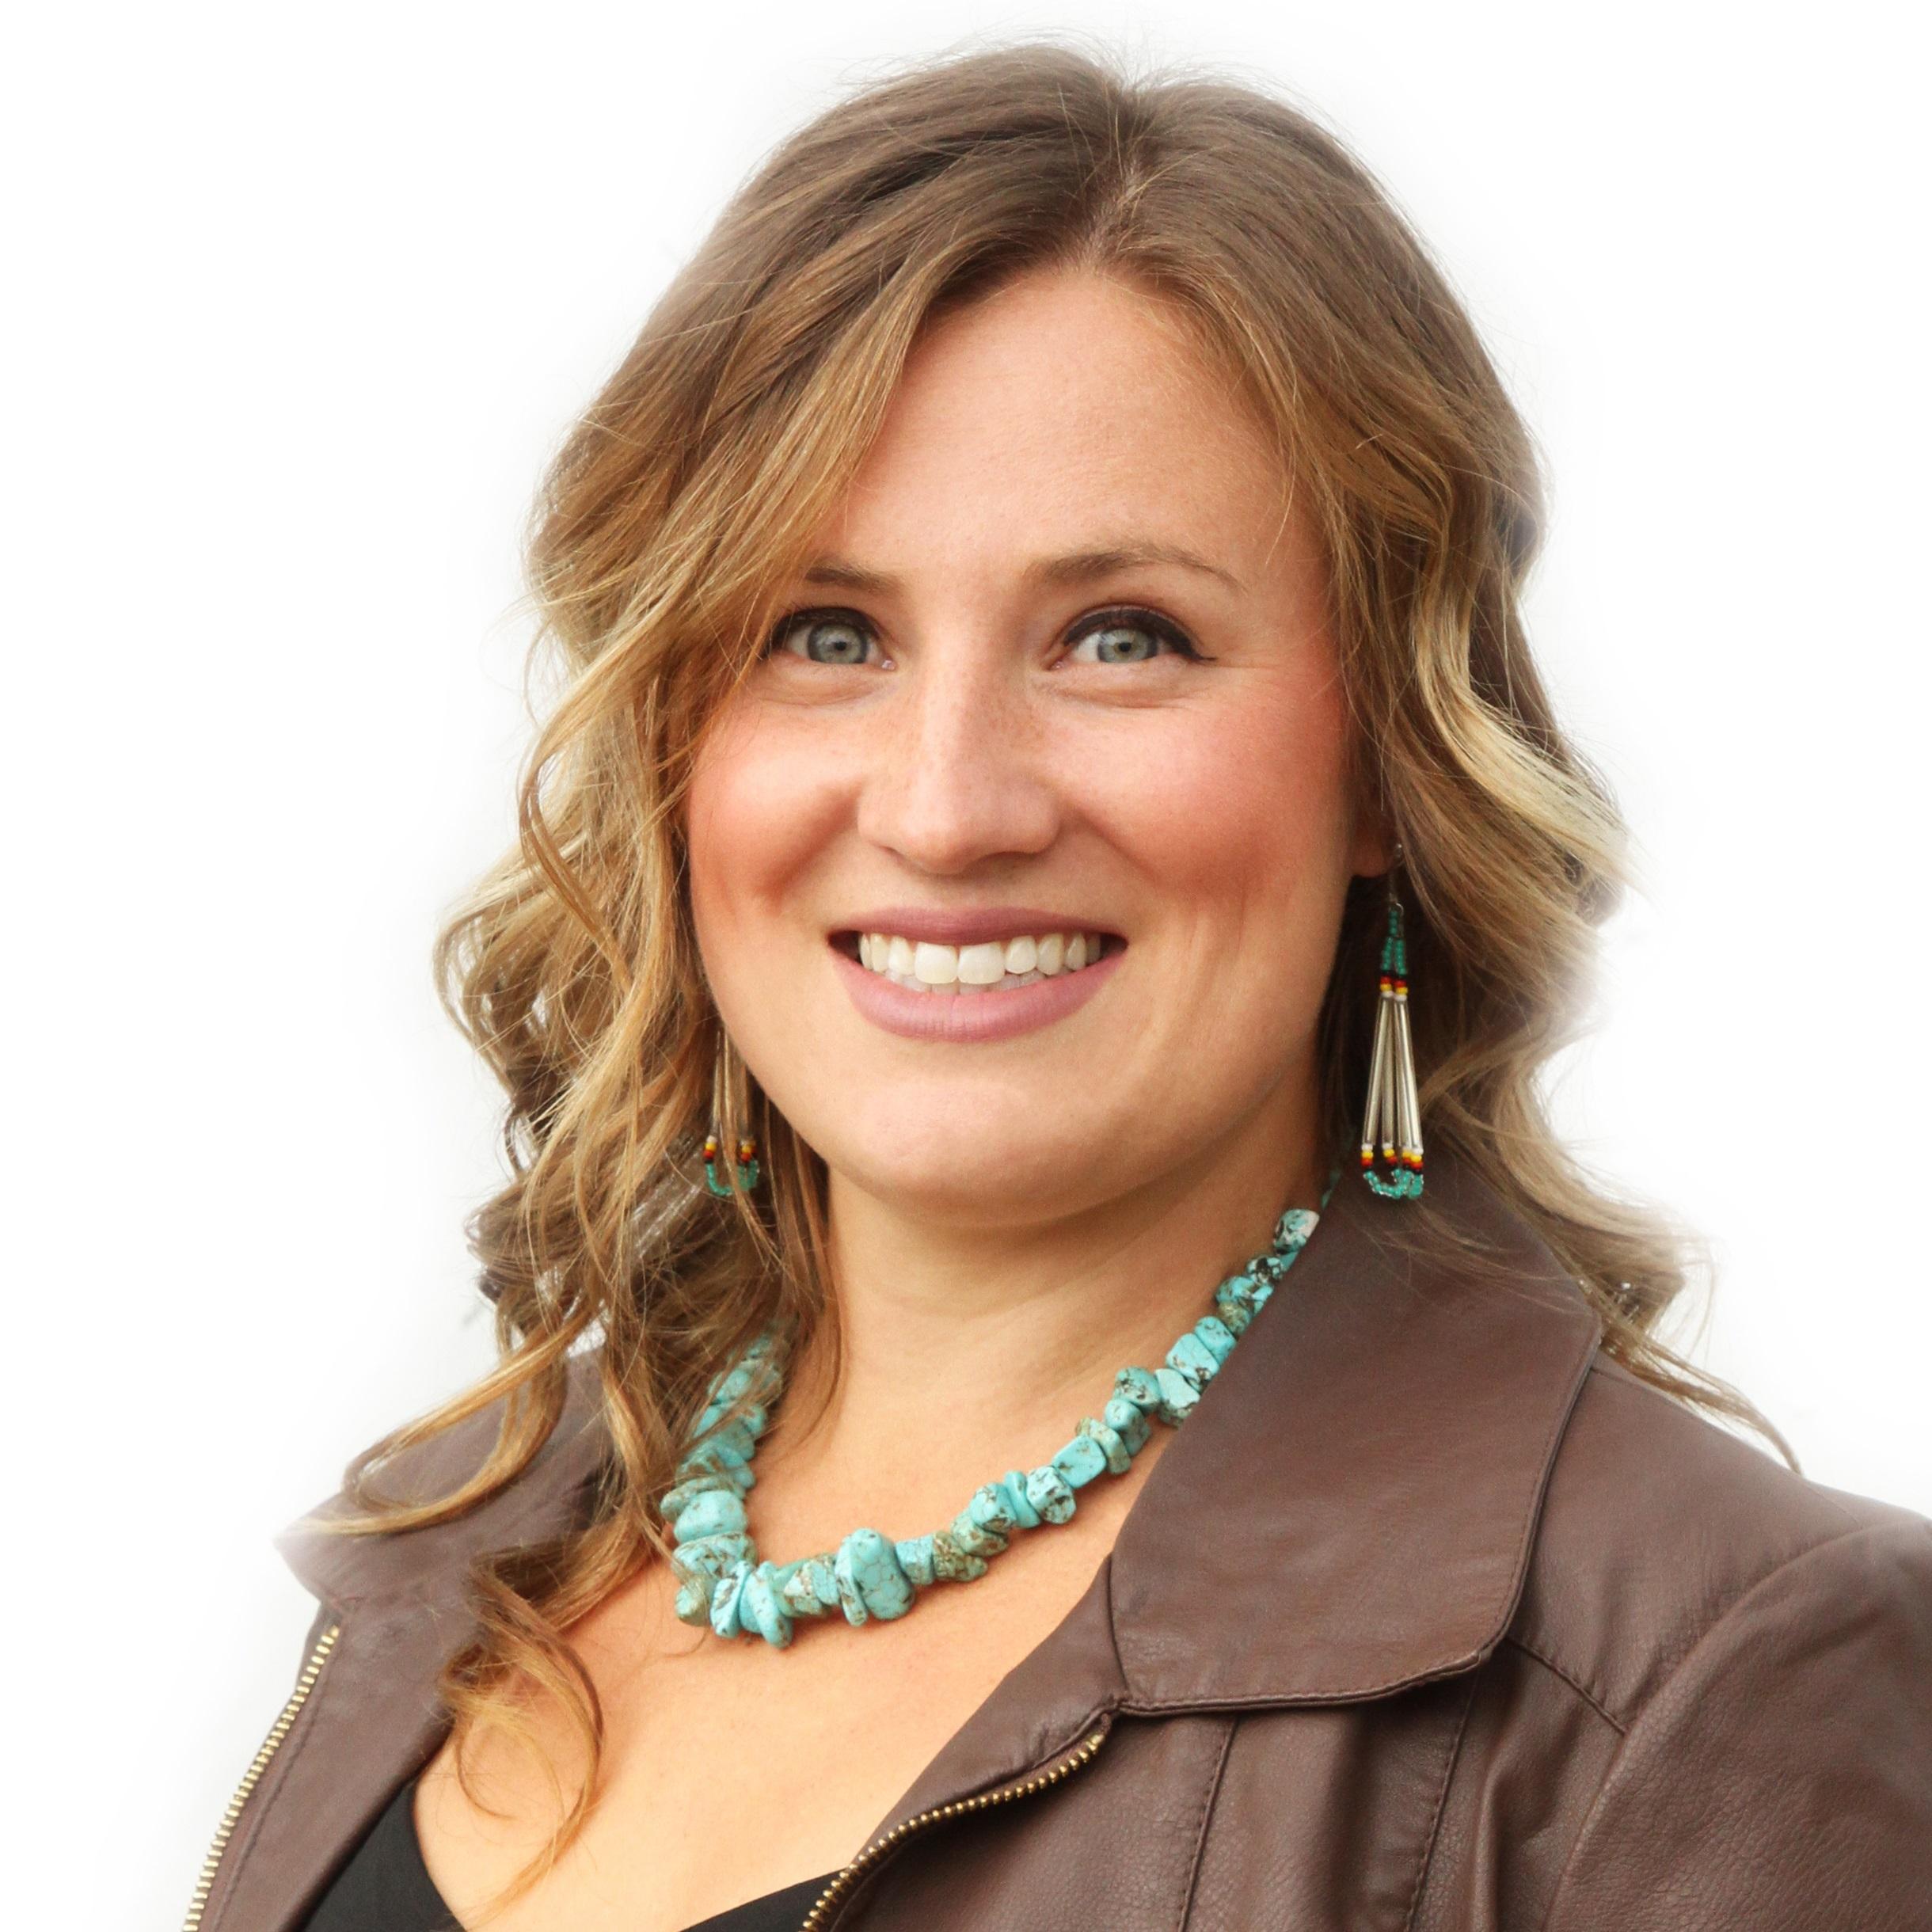 Heather Schmitt